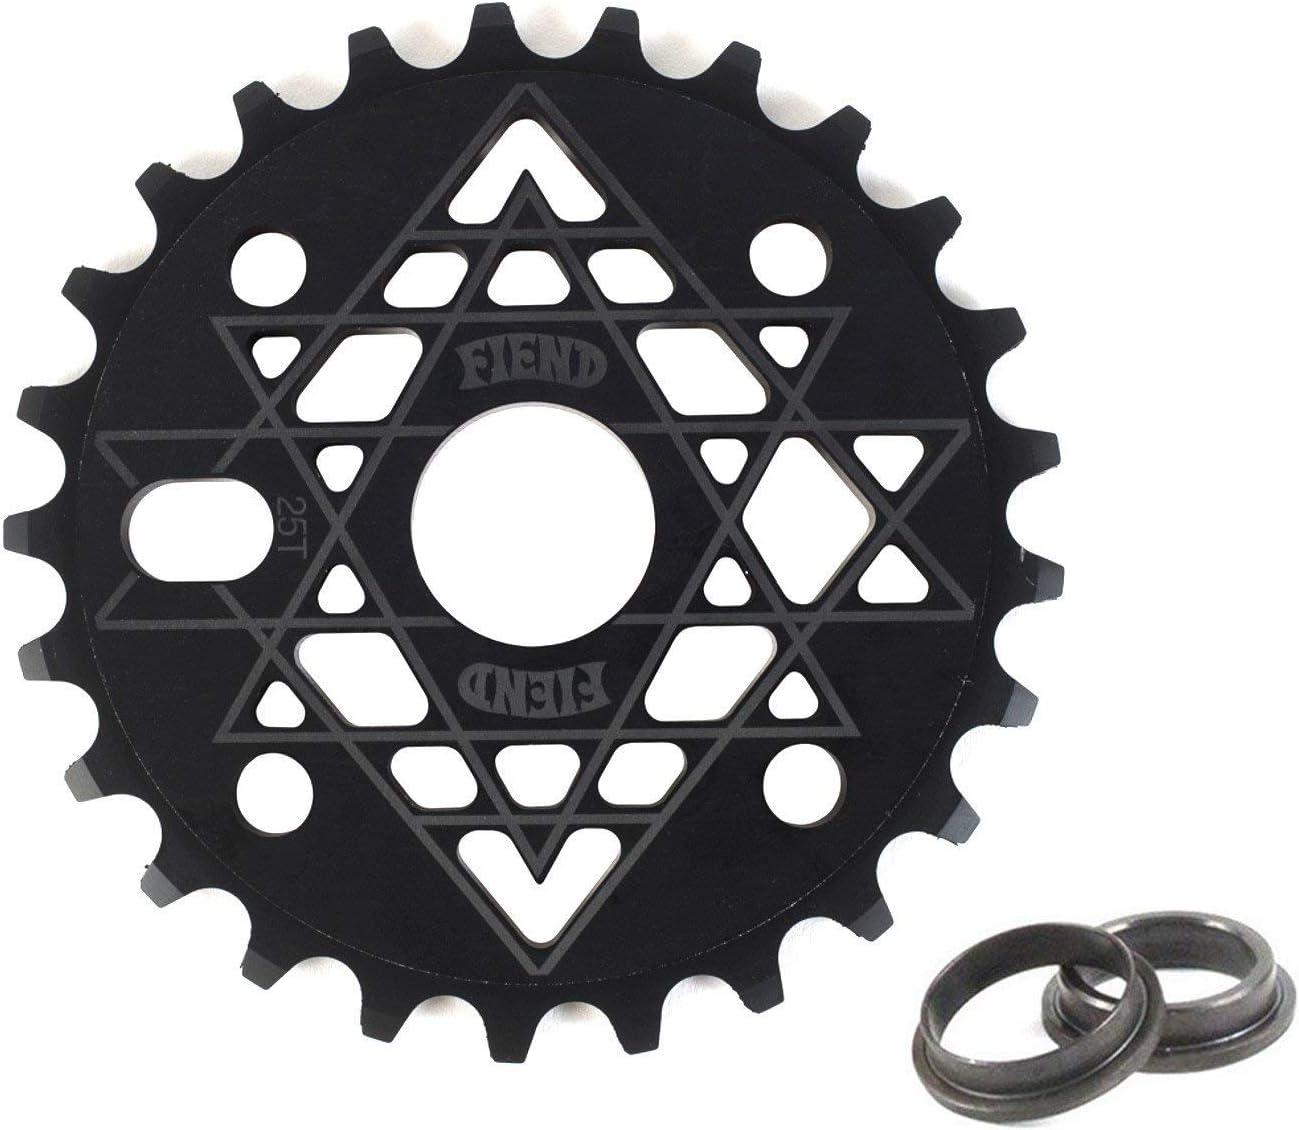 Fiend BMX Palmere - Plato de Bicicleta (19 mm, 22 mm, 24 mm ...